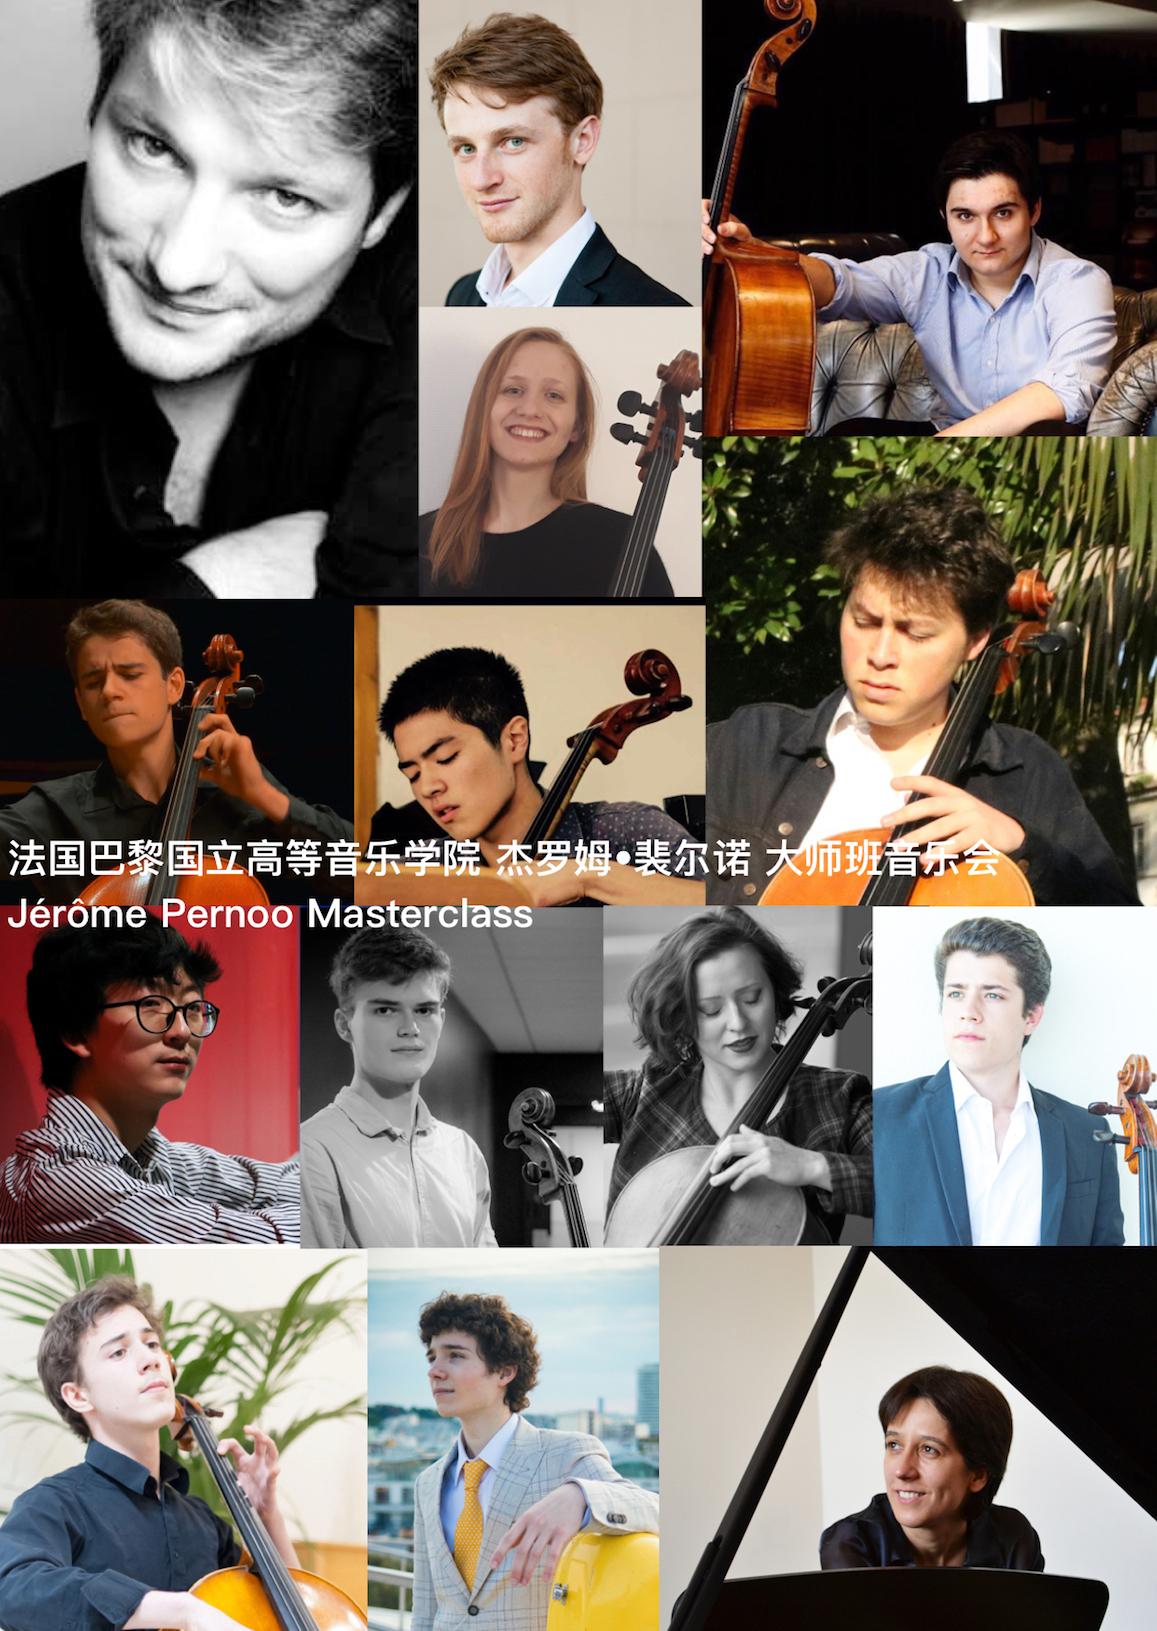 法国巴黎国立高等音乐学院杰罗姆·裴尔诺教授